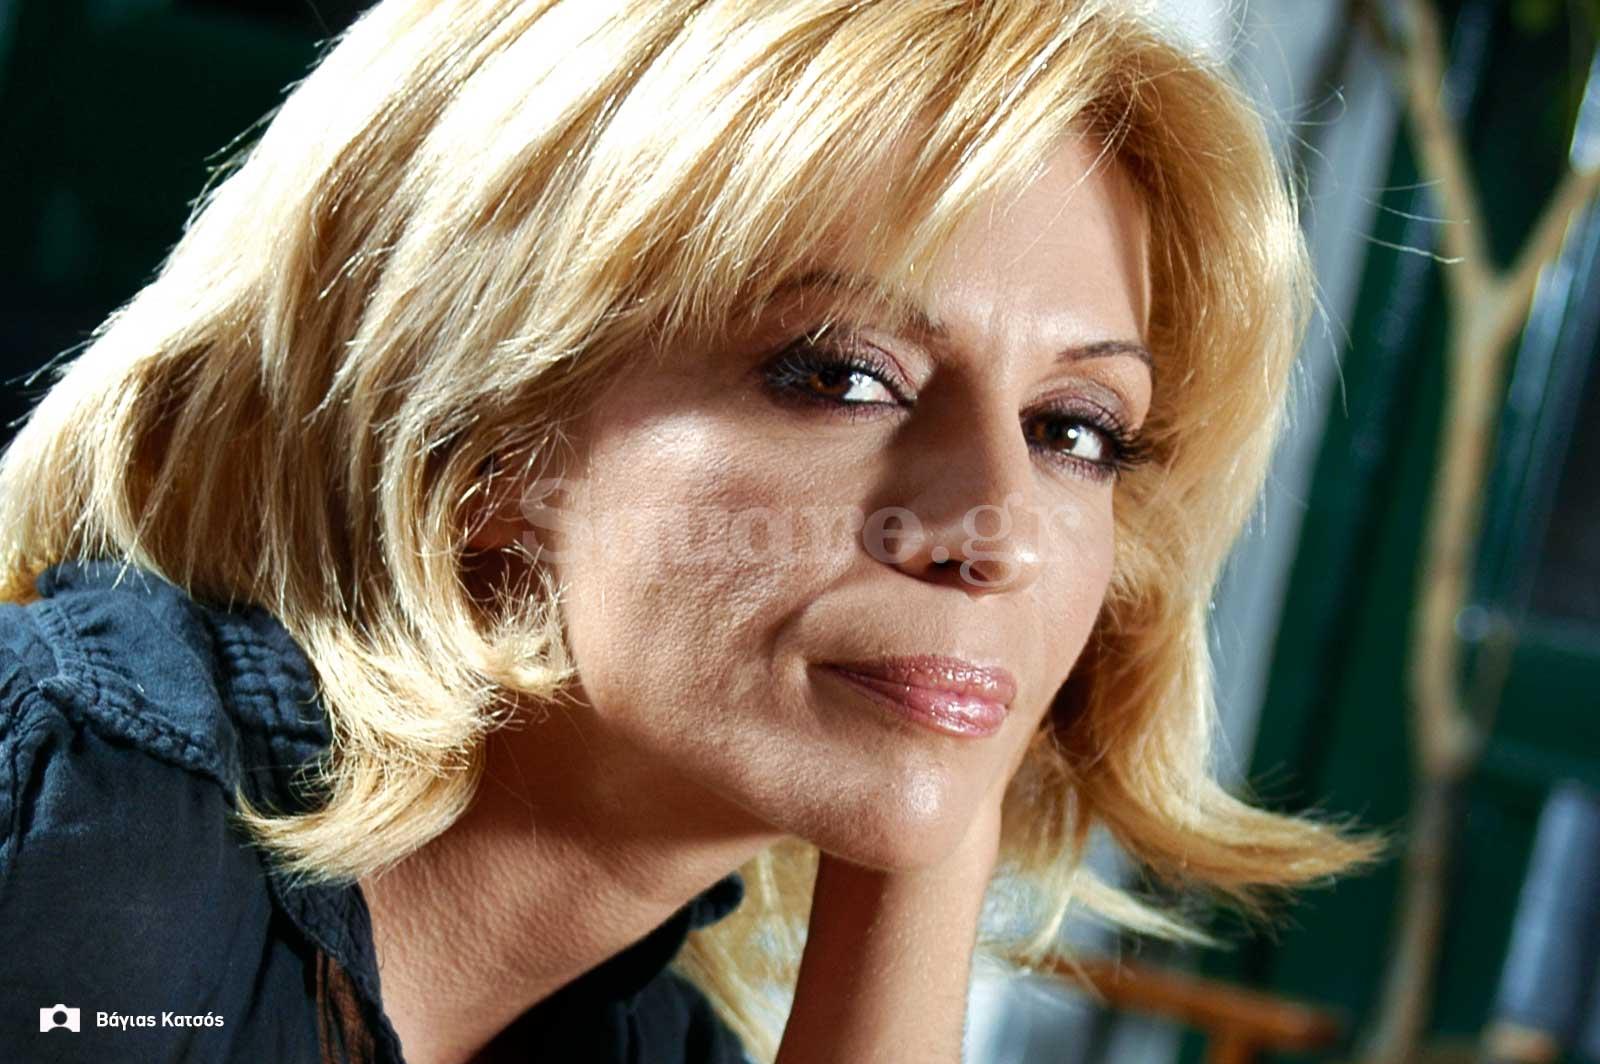 4-Γαλήνη-Τζεβά-Χαλκίδαία-ηθοποιός-Square